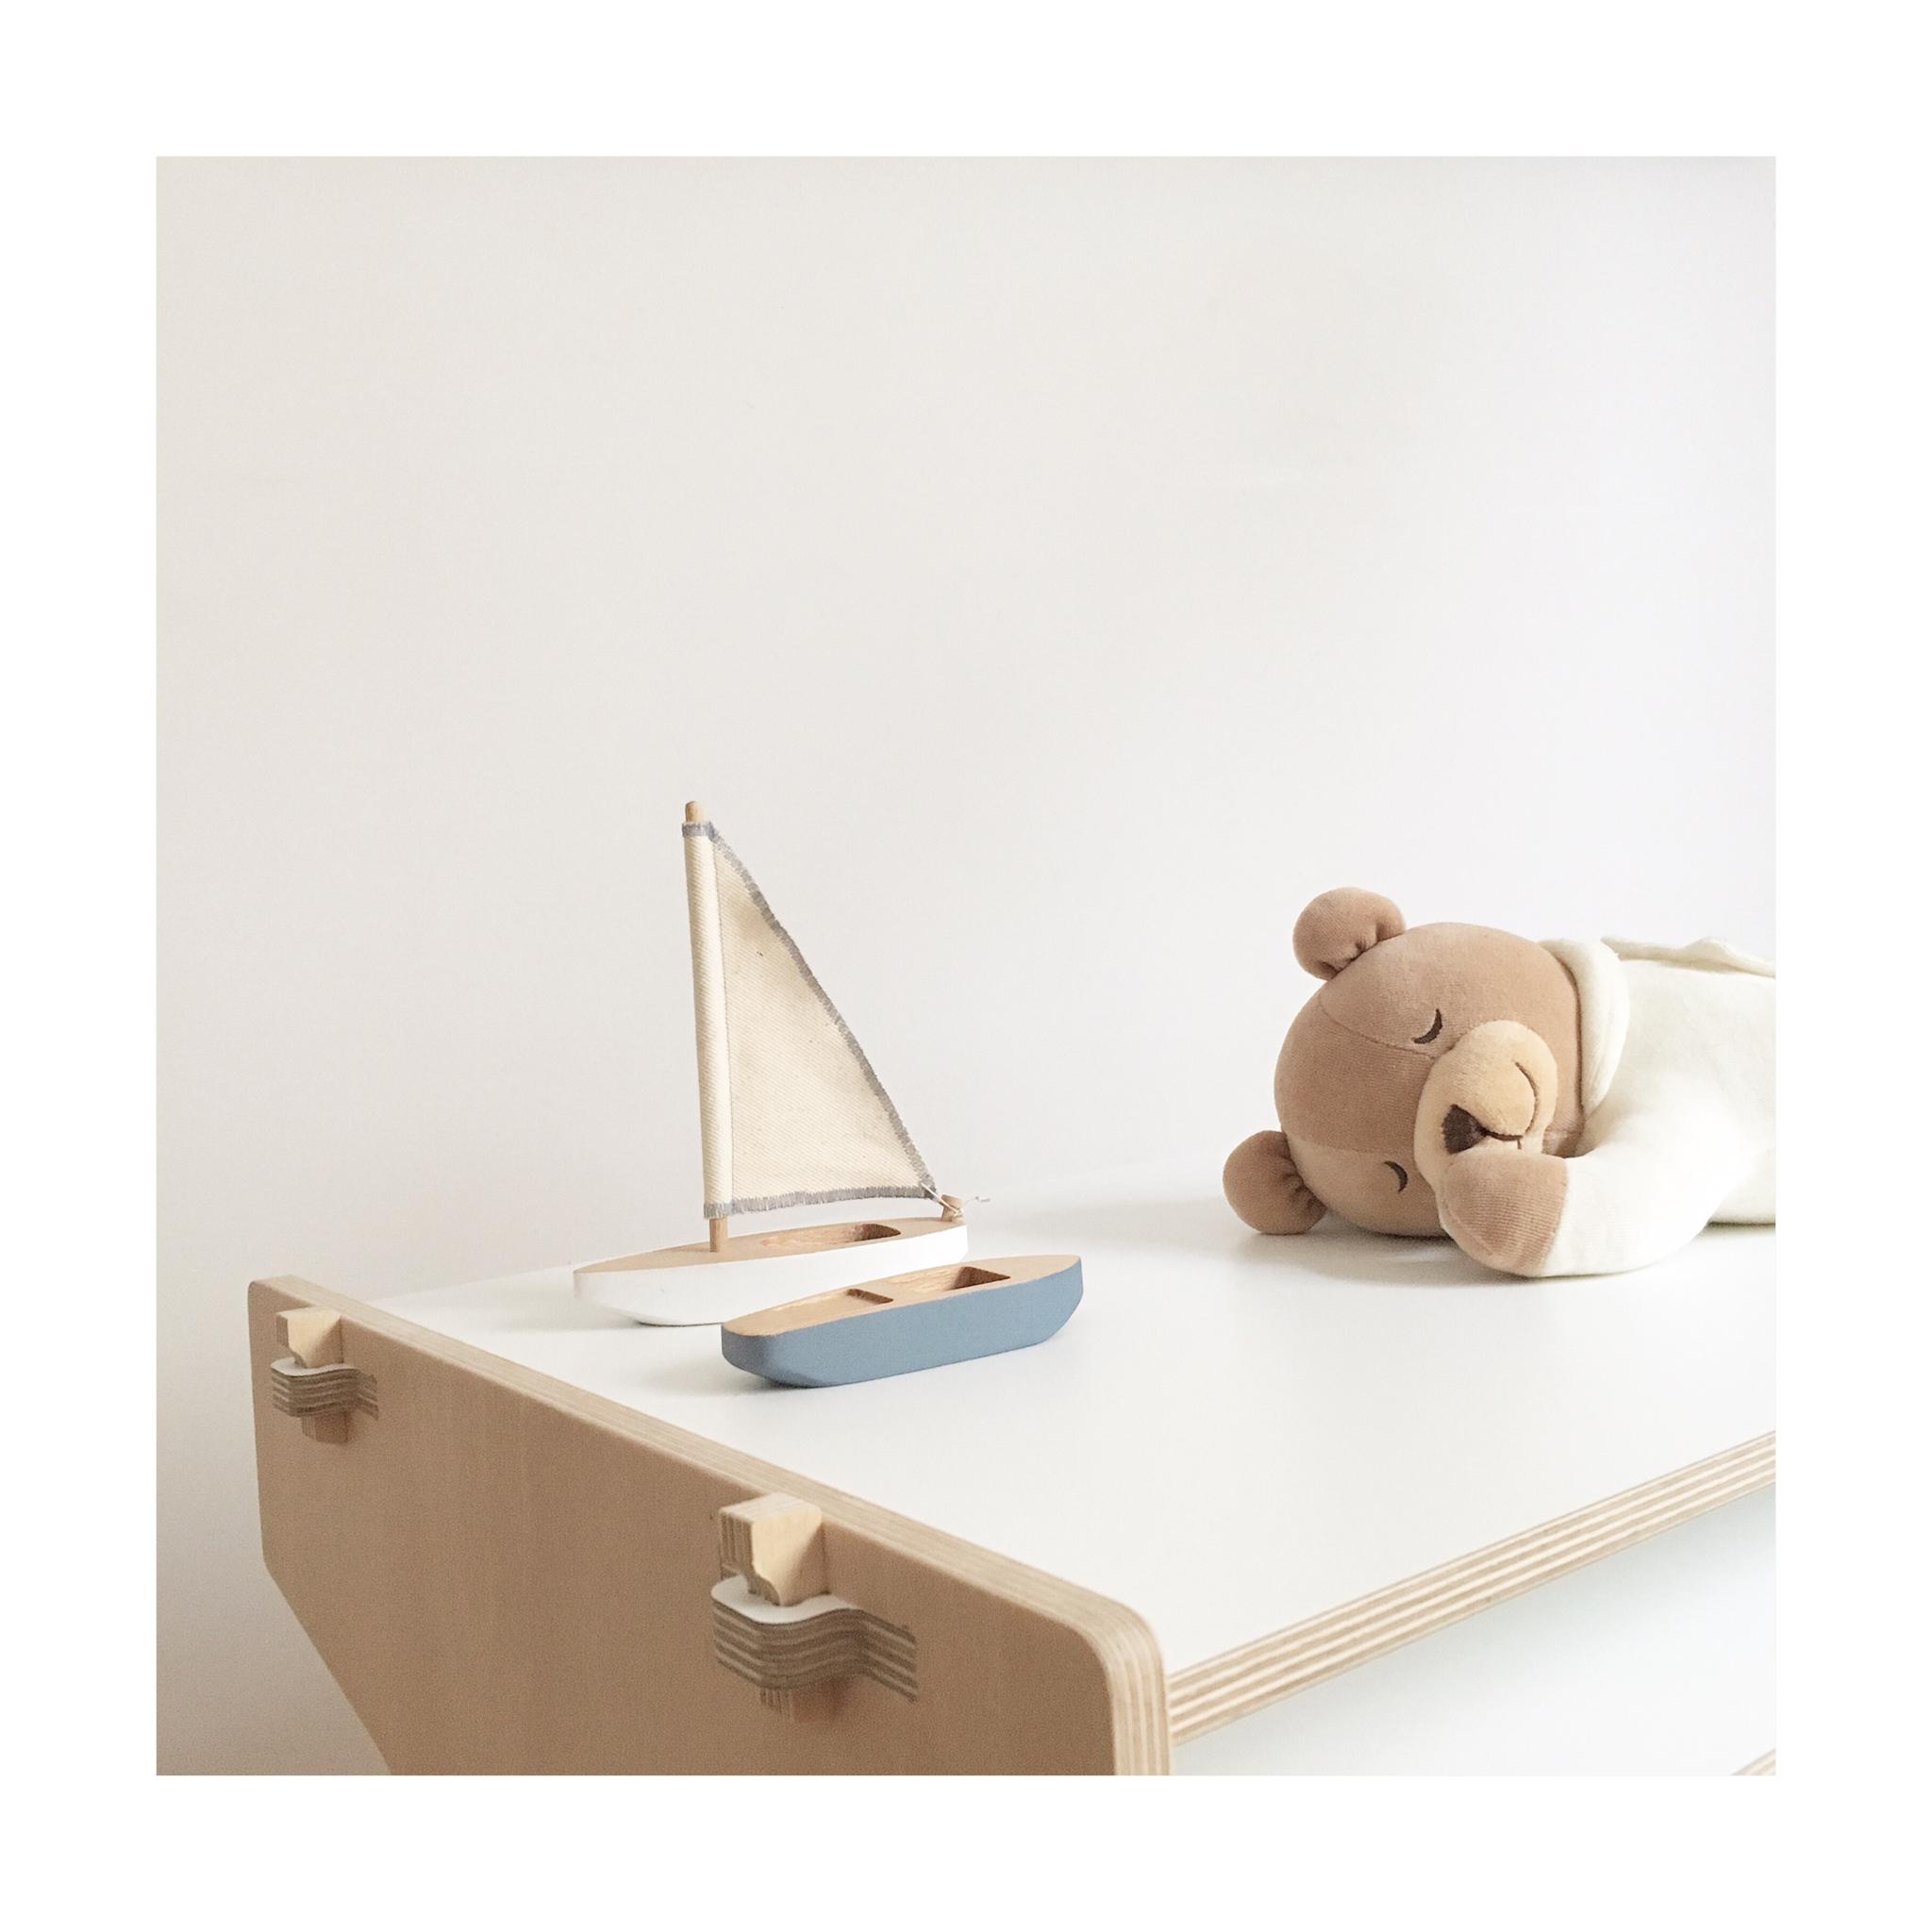 Barcos de madera. #juguetesdemadera #mobiliarioinfantil www.chinpum.eu